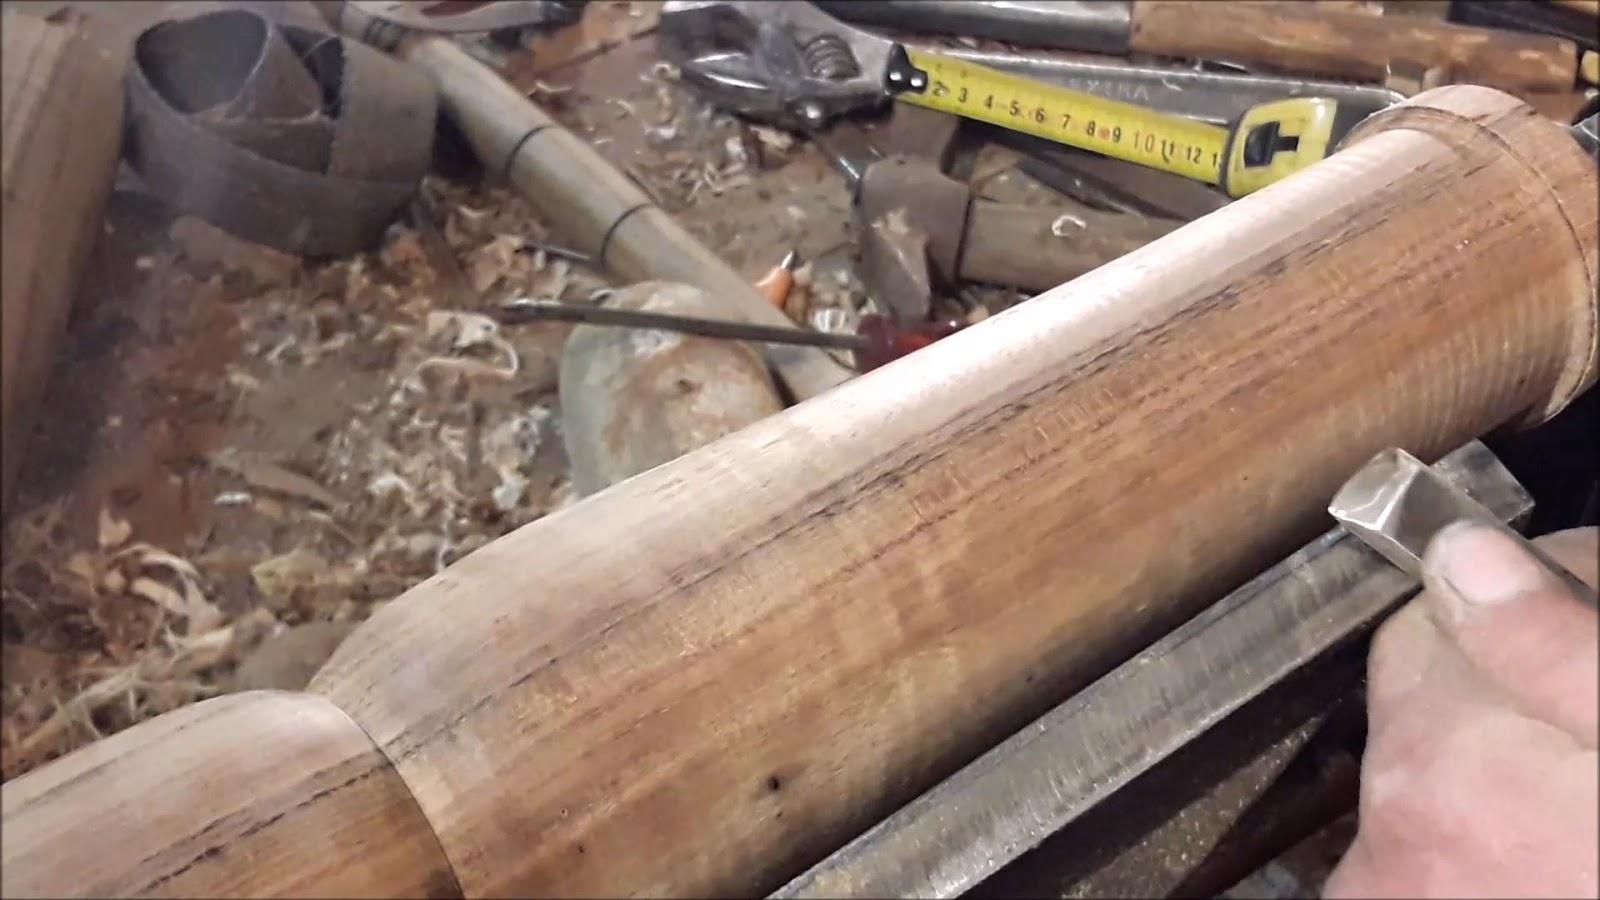 Tavolini In Legno Fai Da Te : Pietro maker artigiano 2.0 fai da te video tutorial hobby bricolage